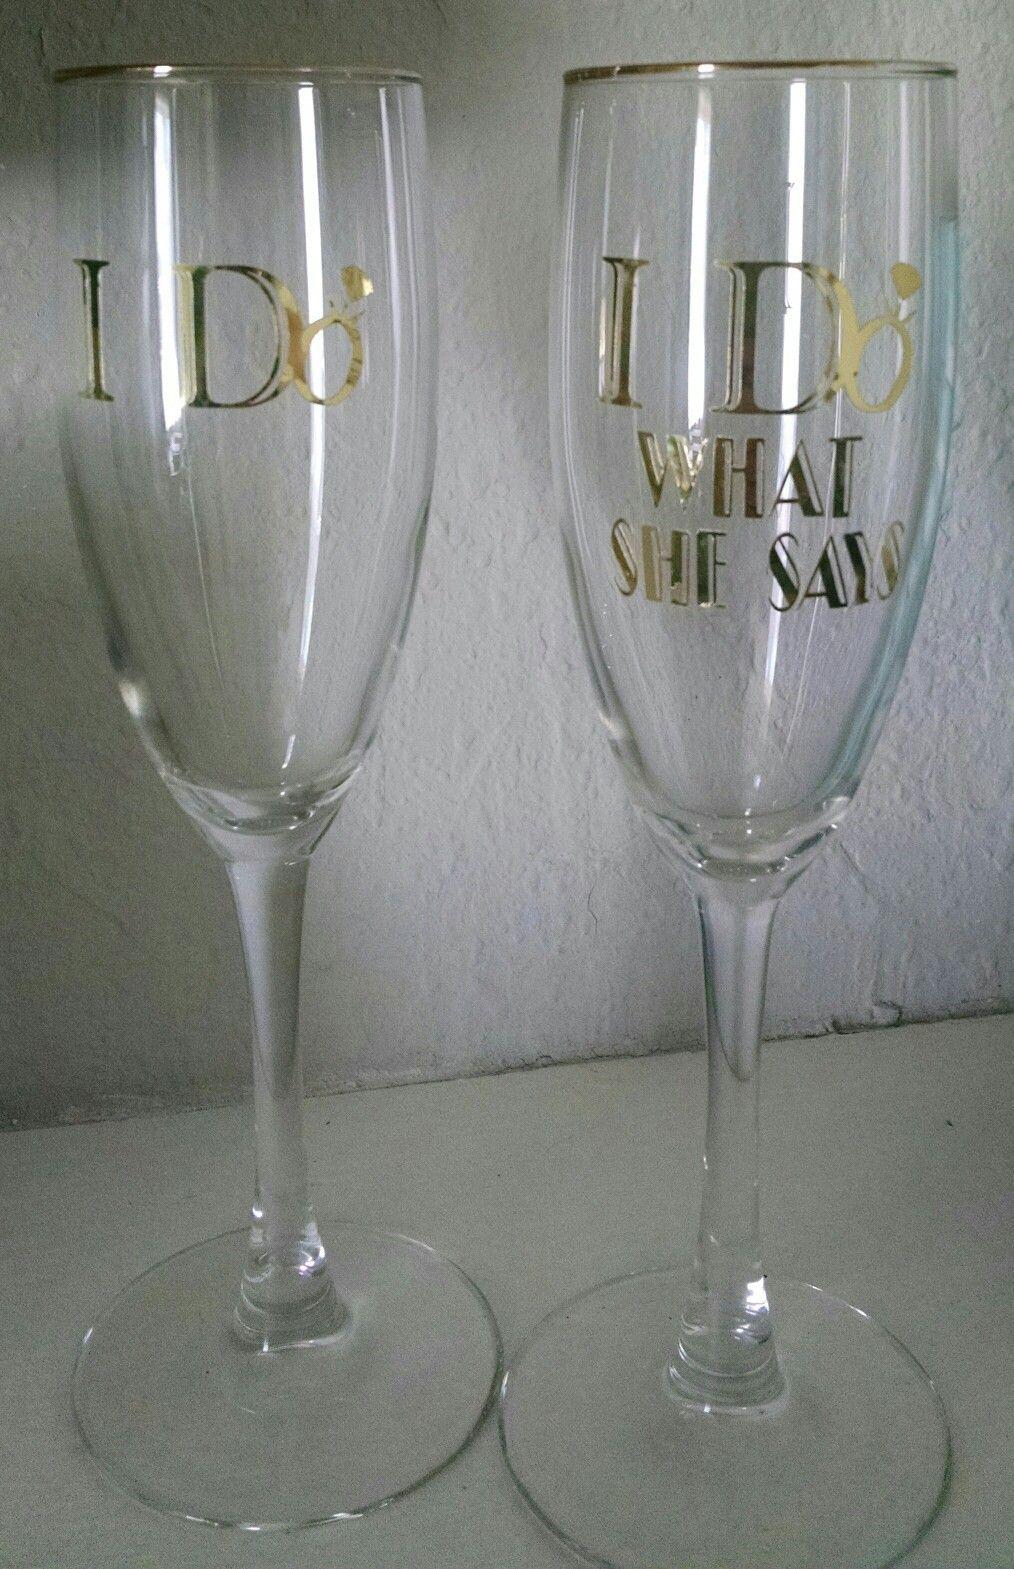 I do. I do what she says. Champagne glasses